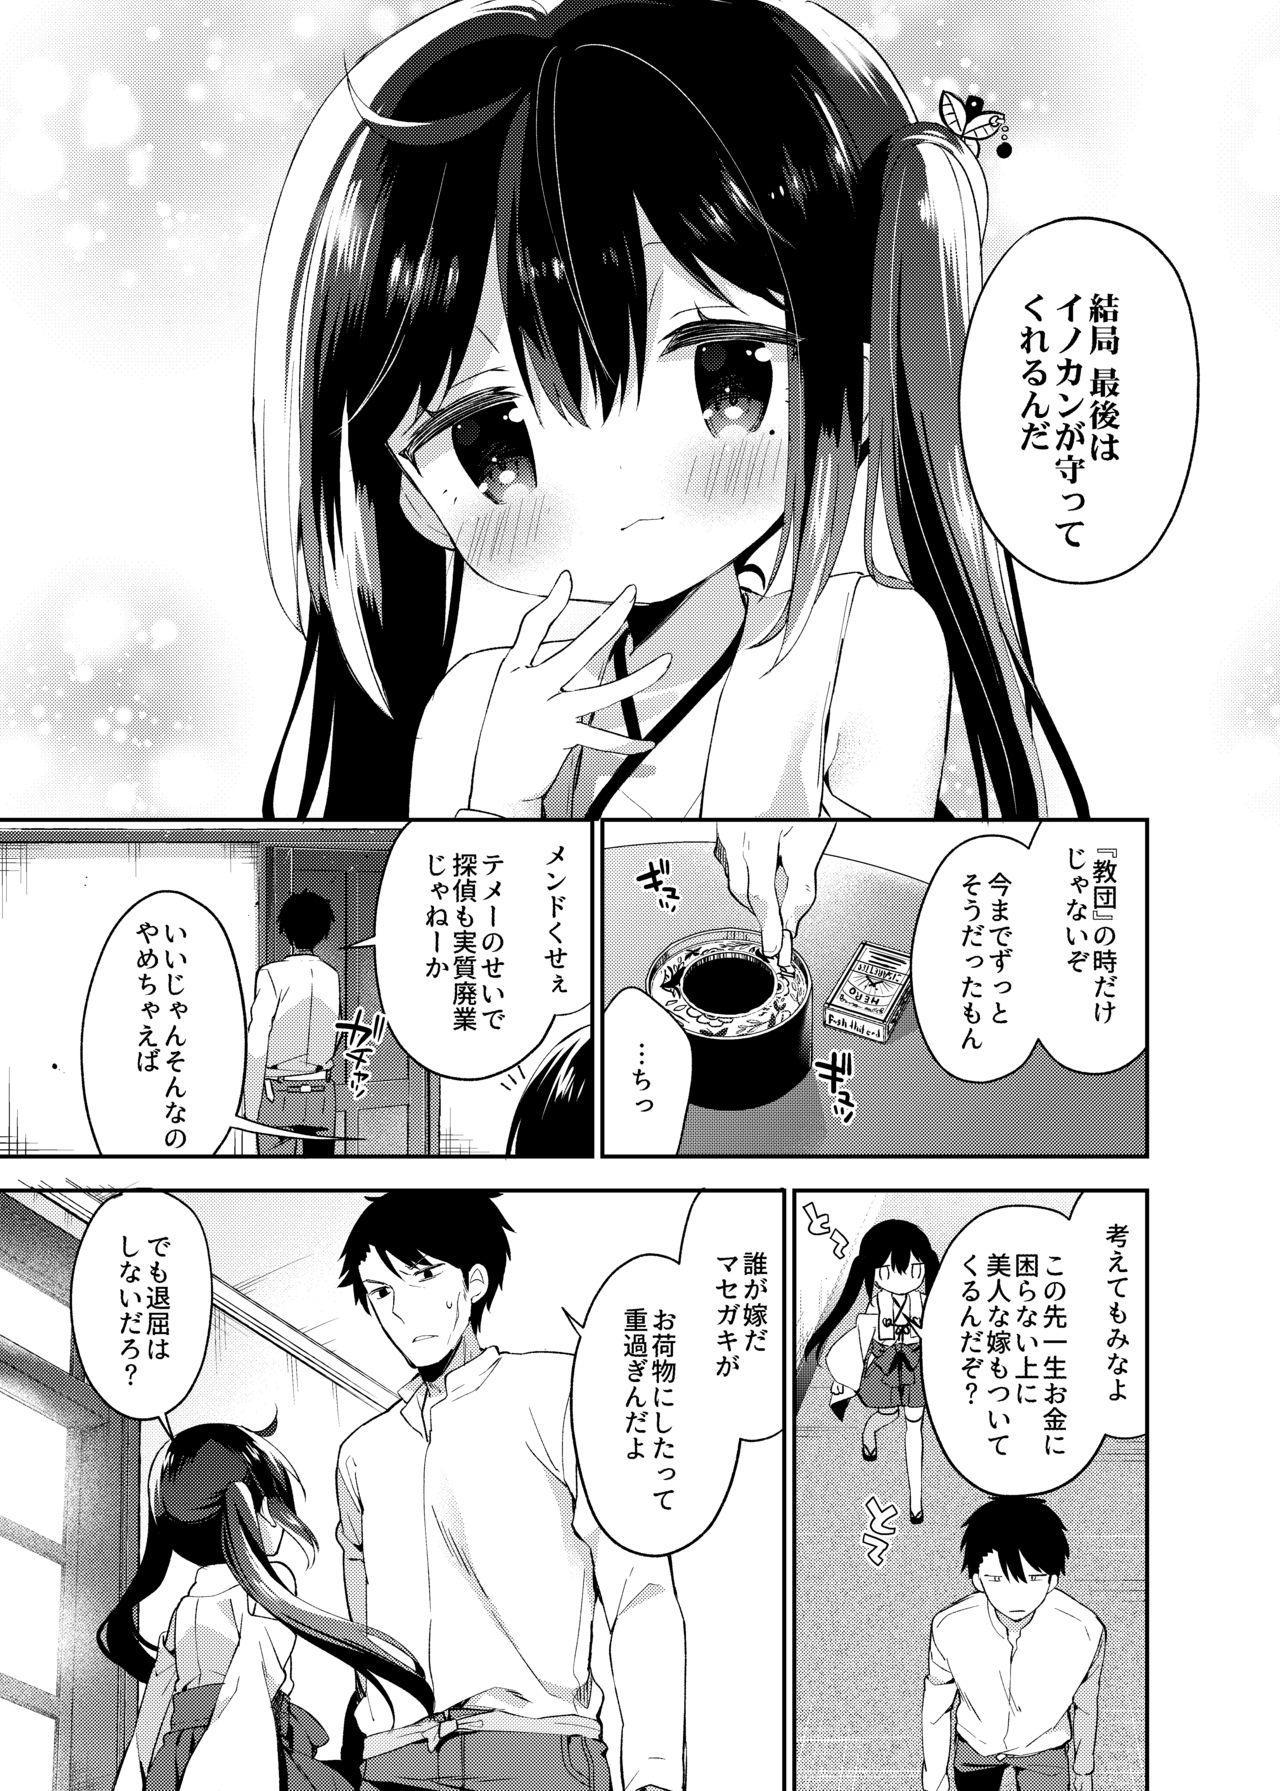 Onnanoko no Mayu Soushuuhen 01 76